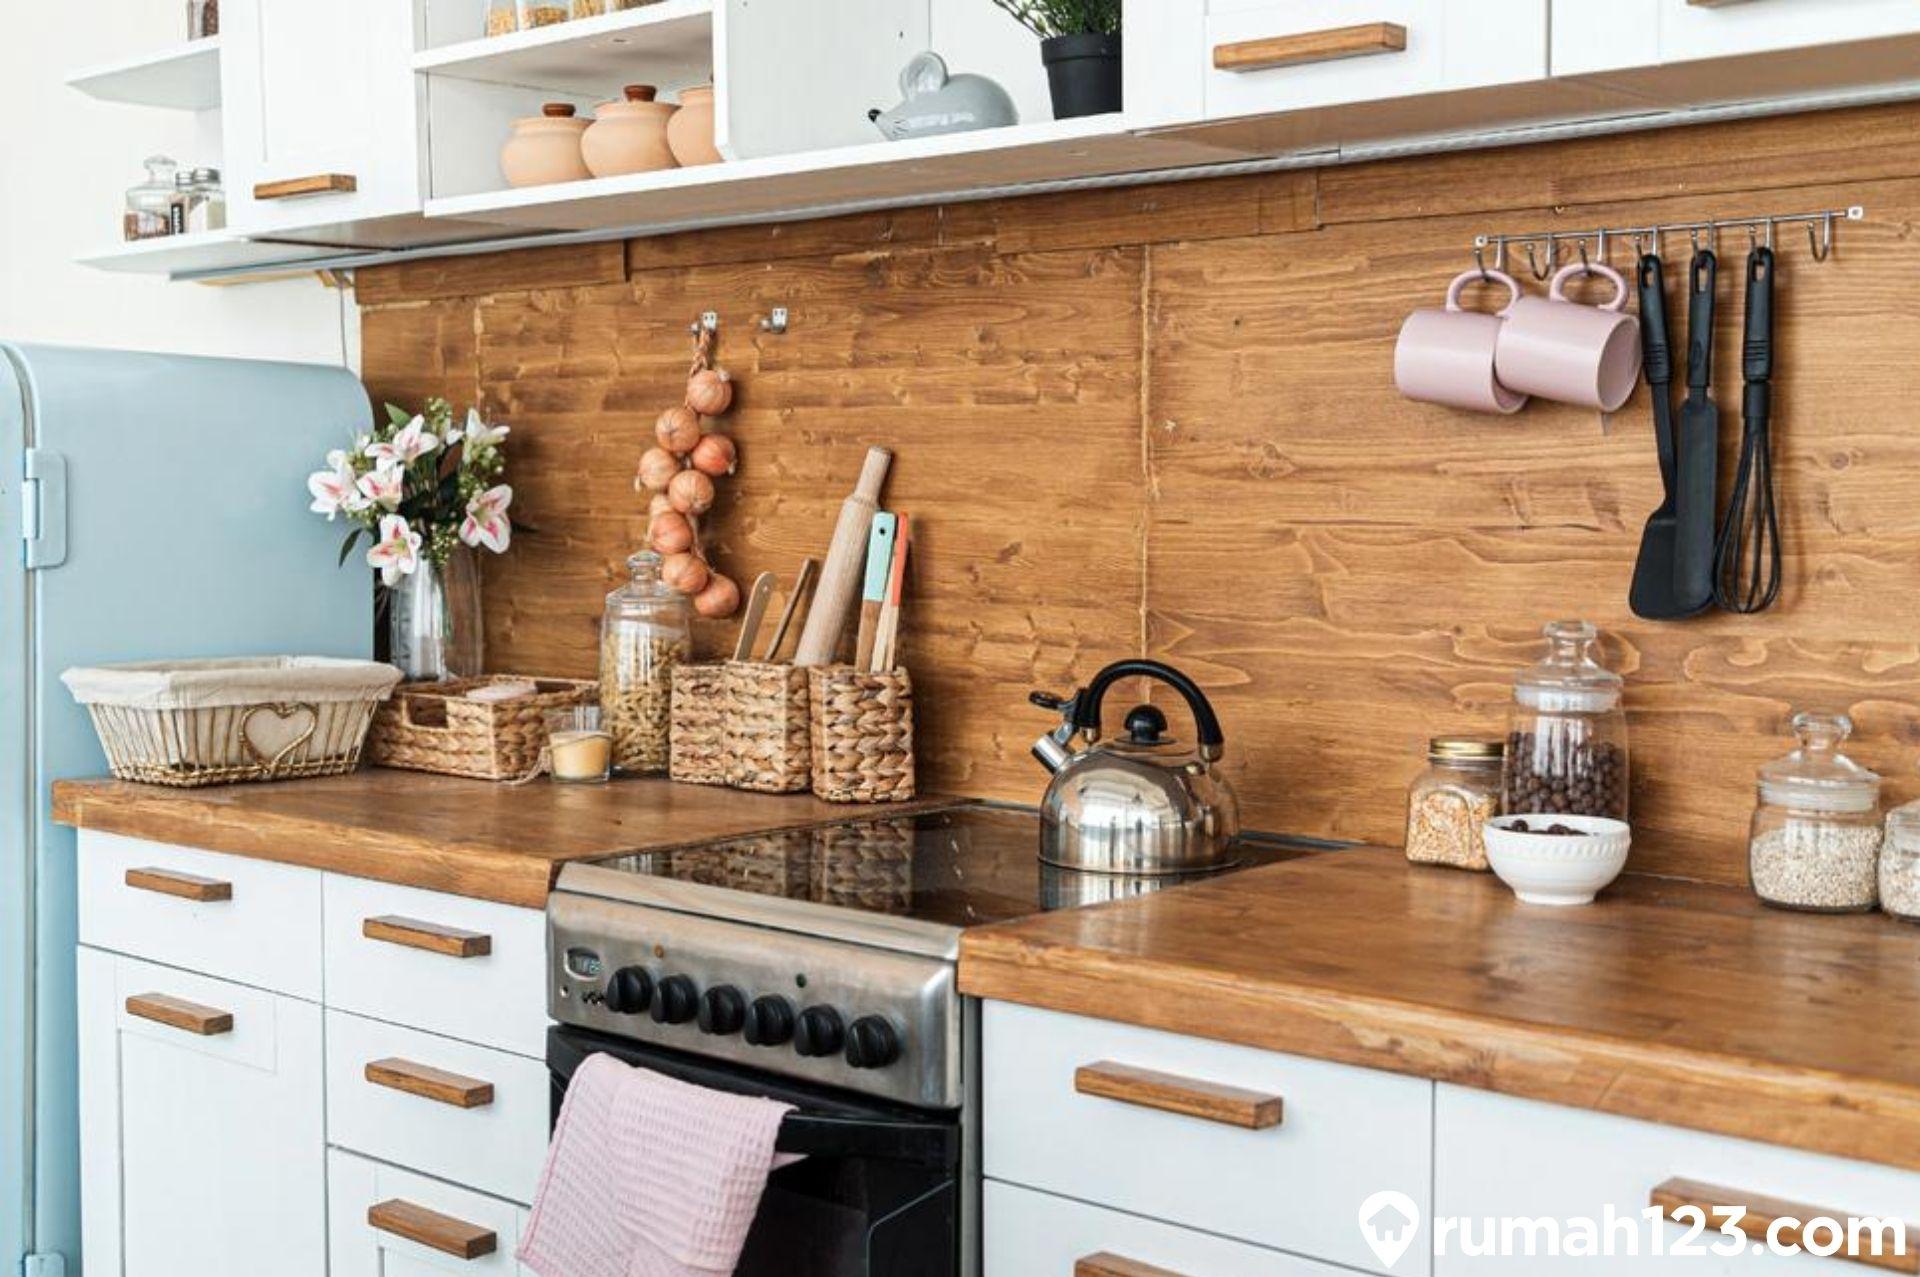 11 Inspirasi Keramik Dinding Dapur Kekinian Untuk Hunian Minimalis Rumah123 Com